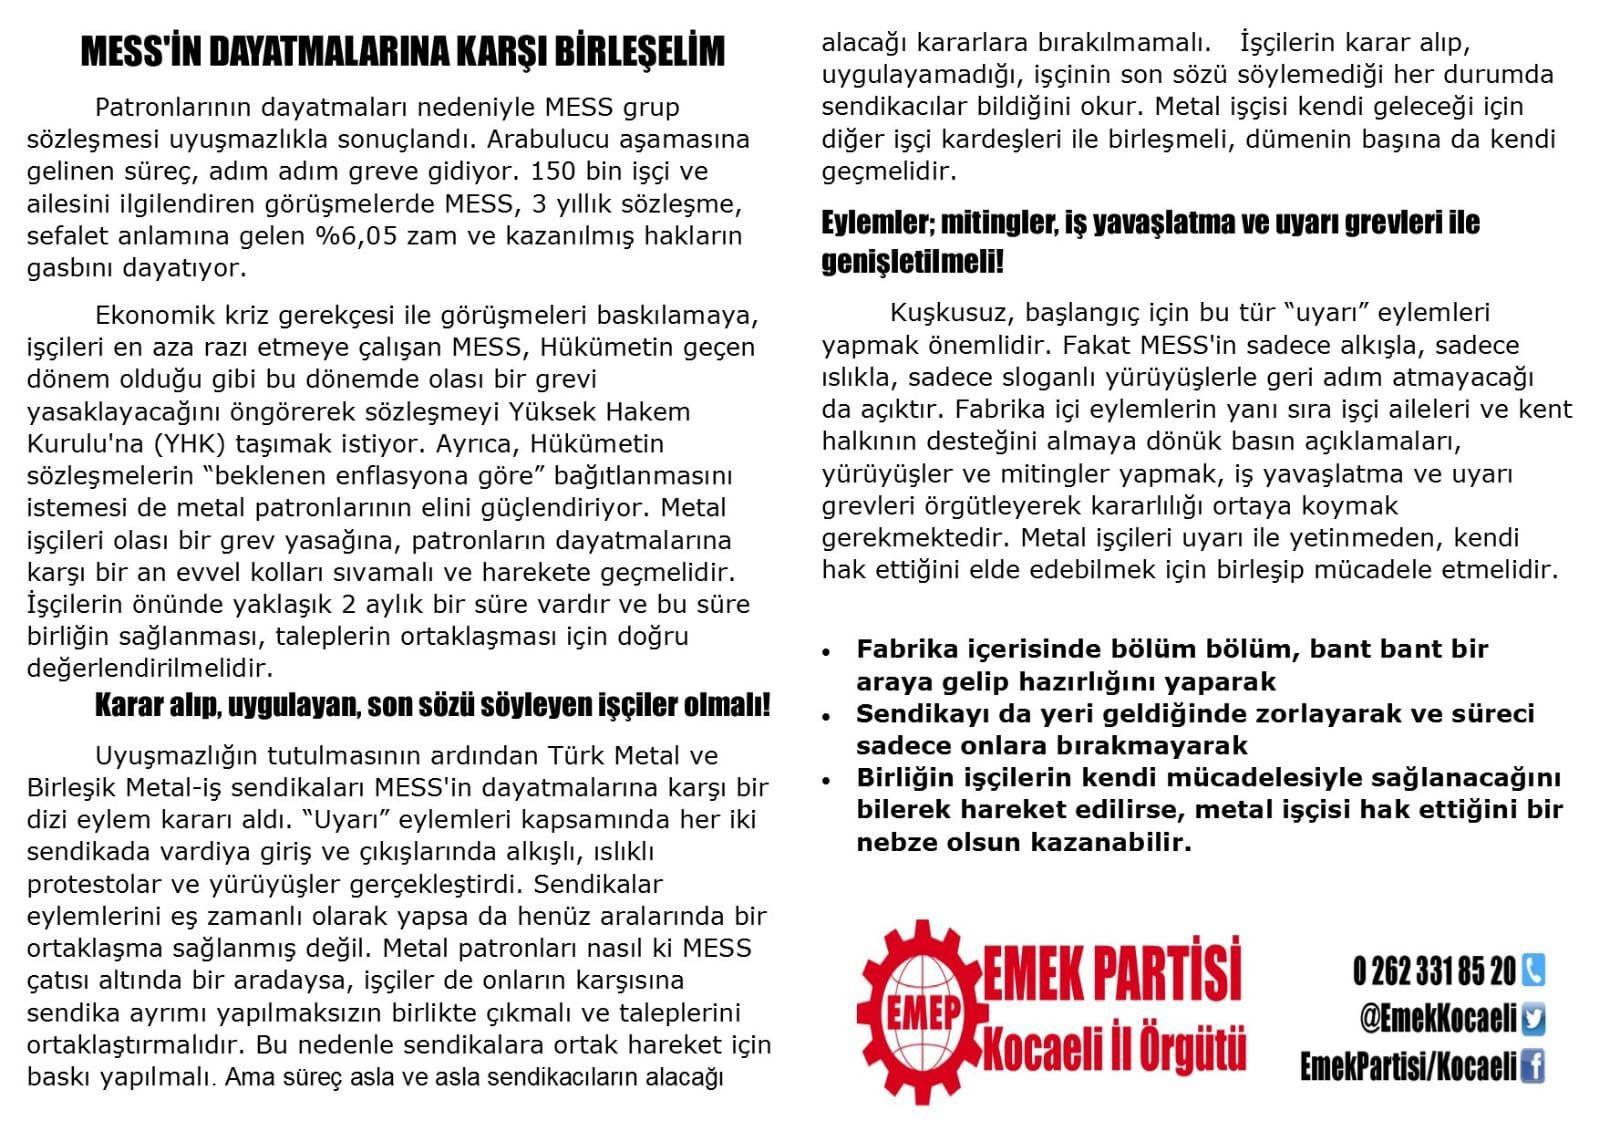 Türk Metal'in dağıtımını engellediği bildiri.